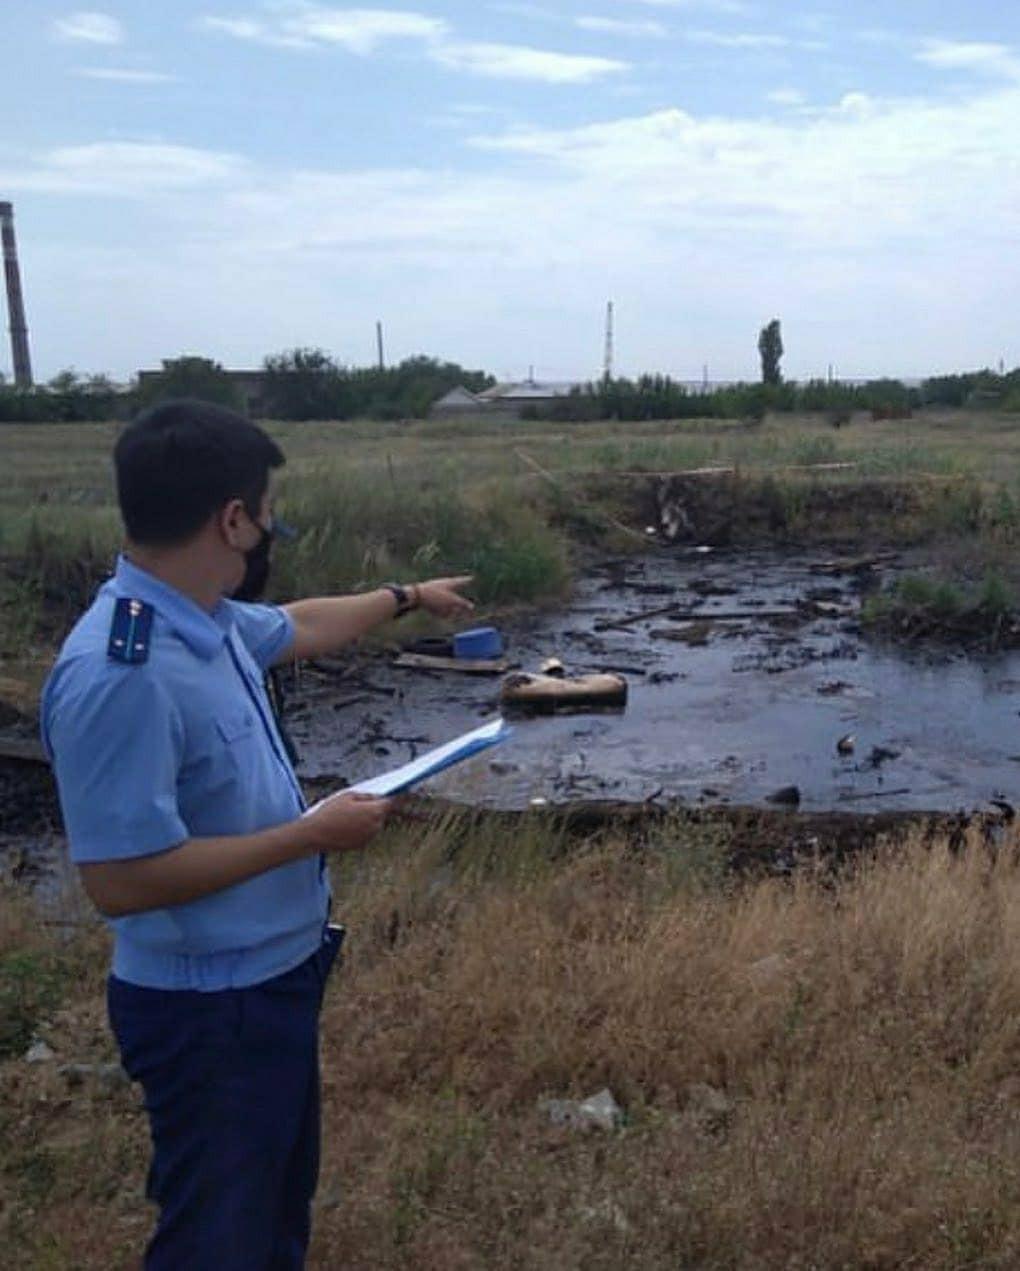 Возбуждено уголовное дело по факту разлива нефтепродуктов в Элисте